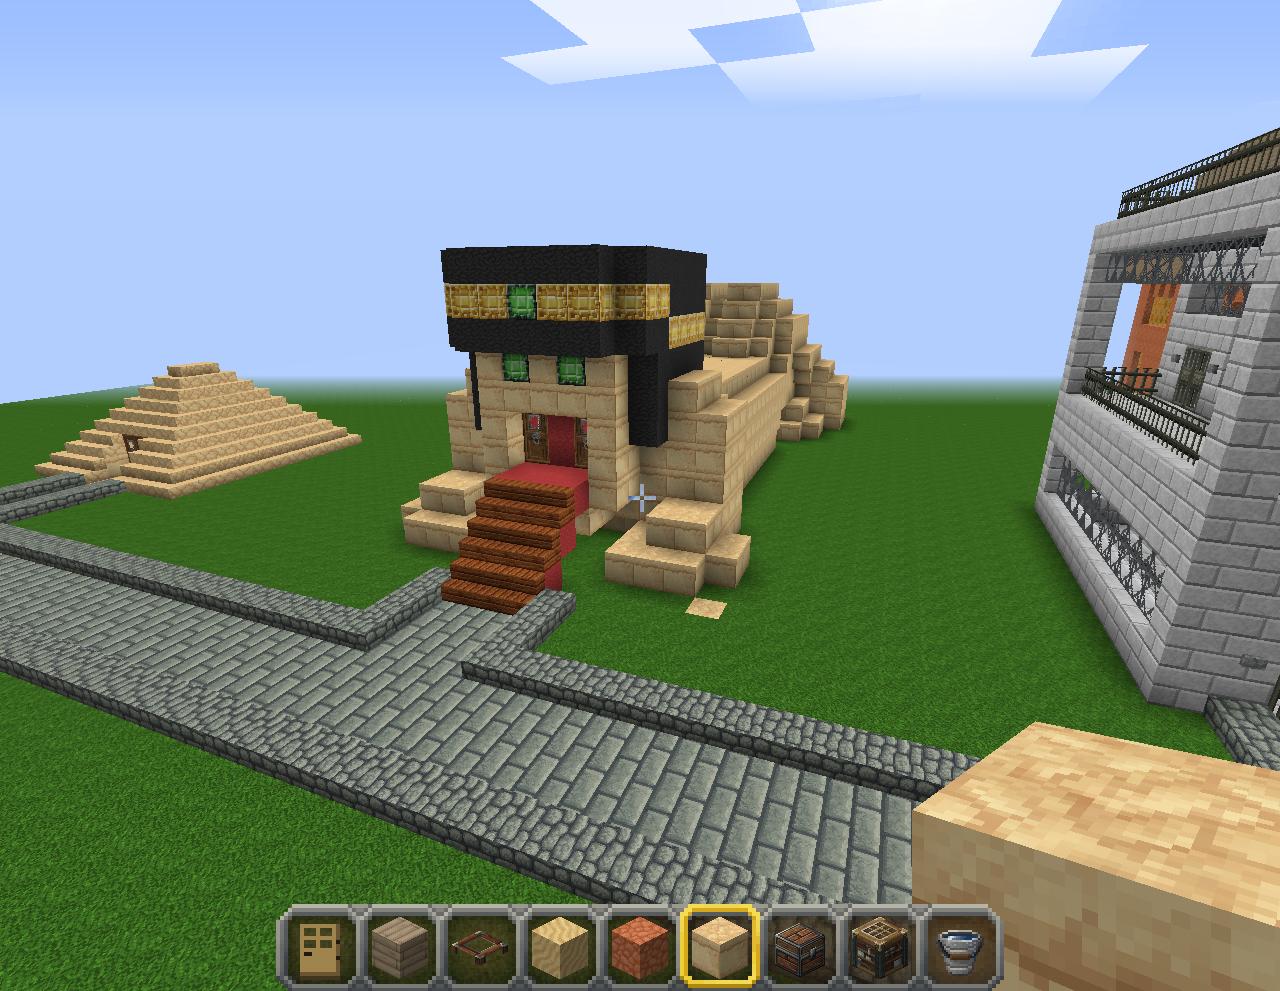 Offline architecte d butant faite votre construction sur demande minecraft - Maison minecraft simple ...